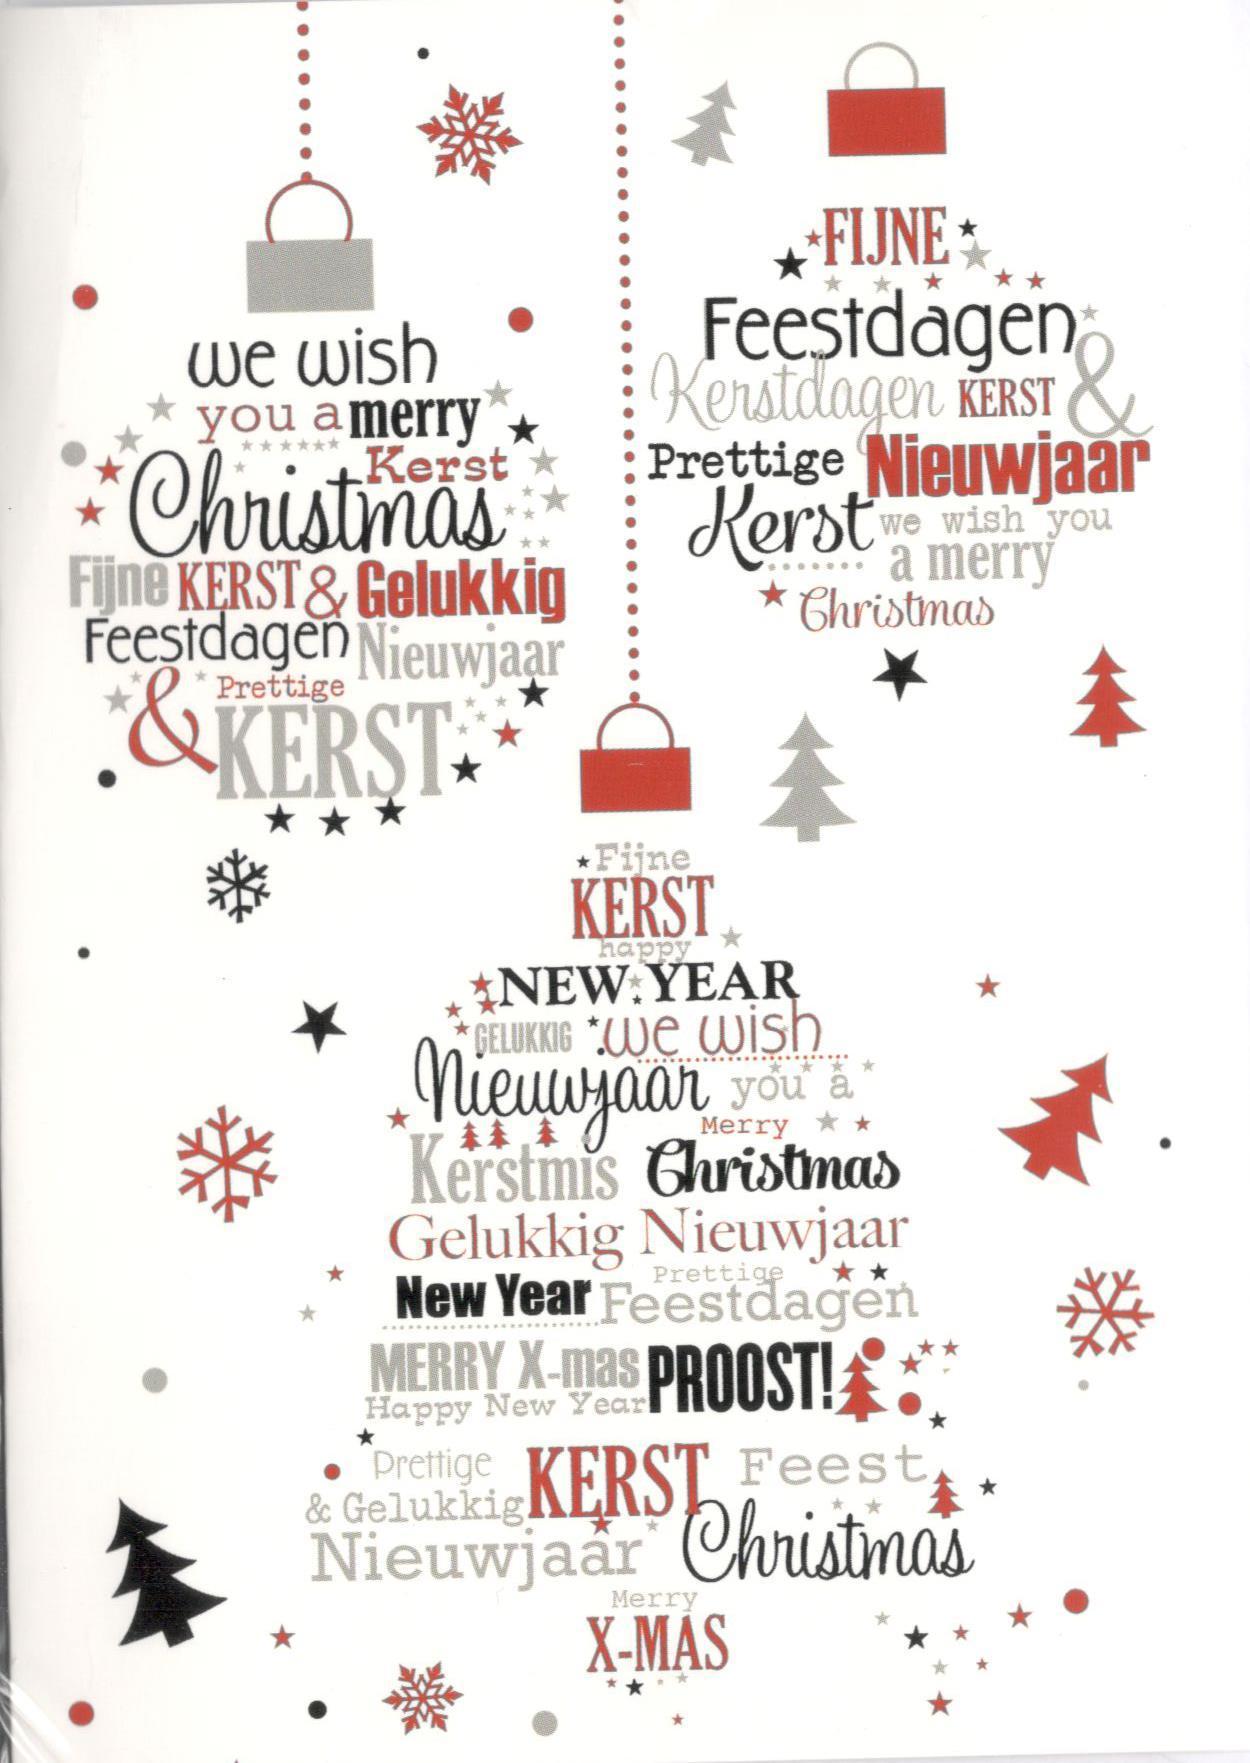 Kerstkaarten Met Kerstwensen In Nederlands En Engels